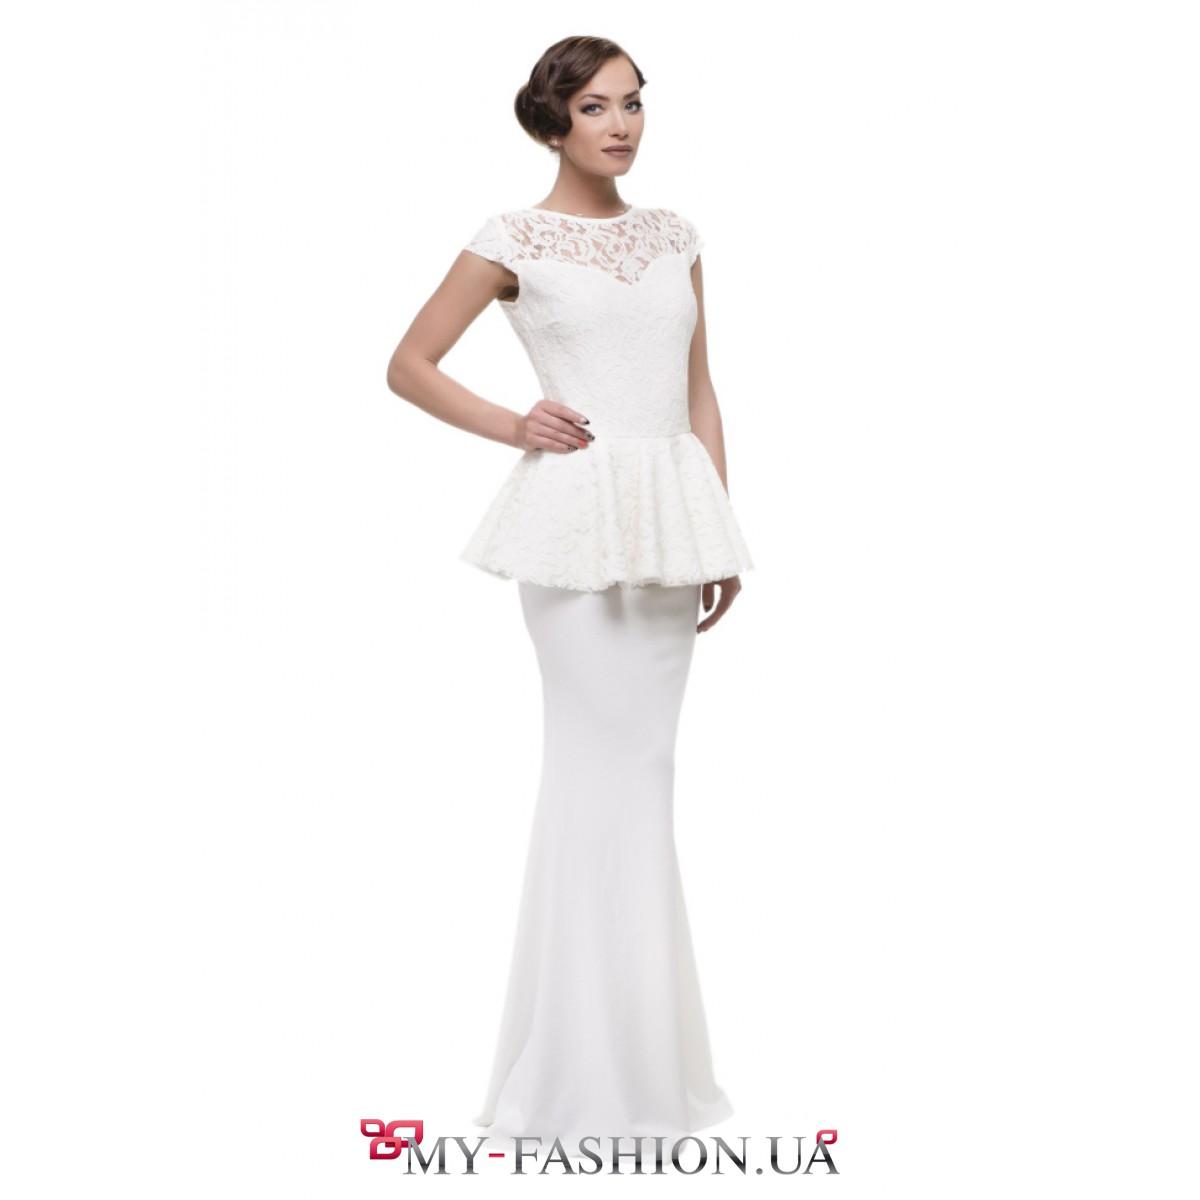 Купить белое длинное кружевное платье